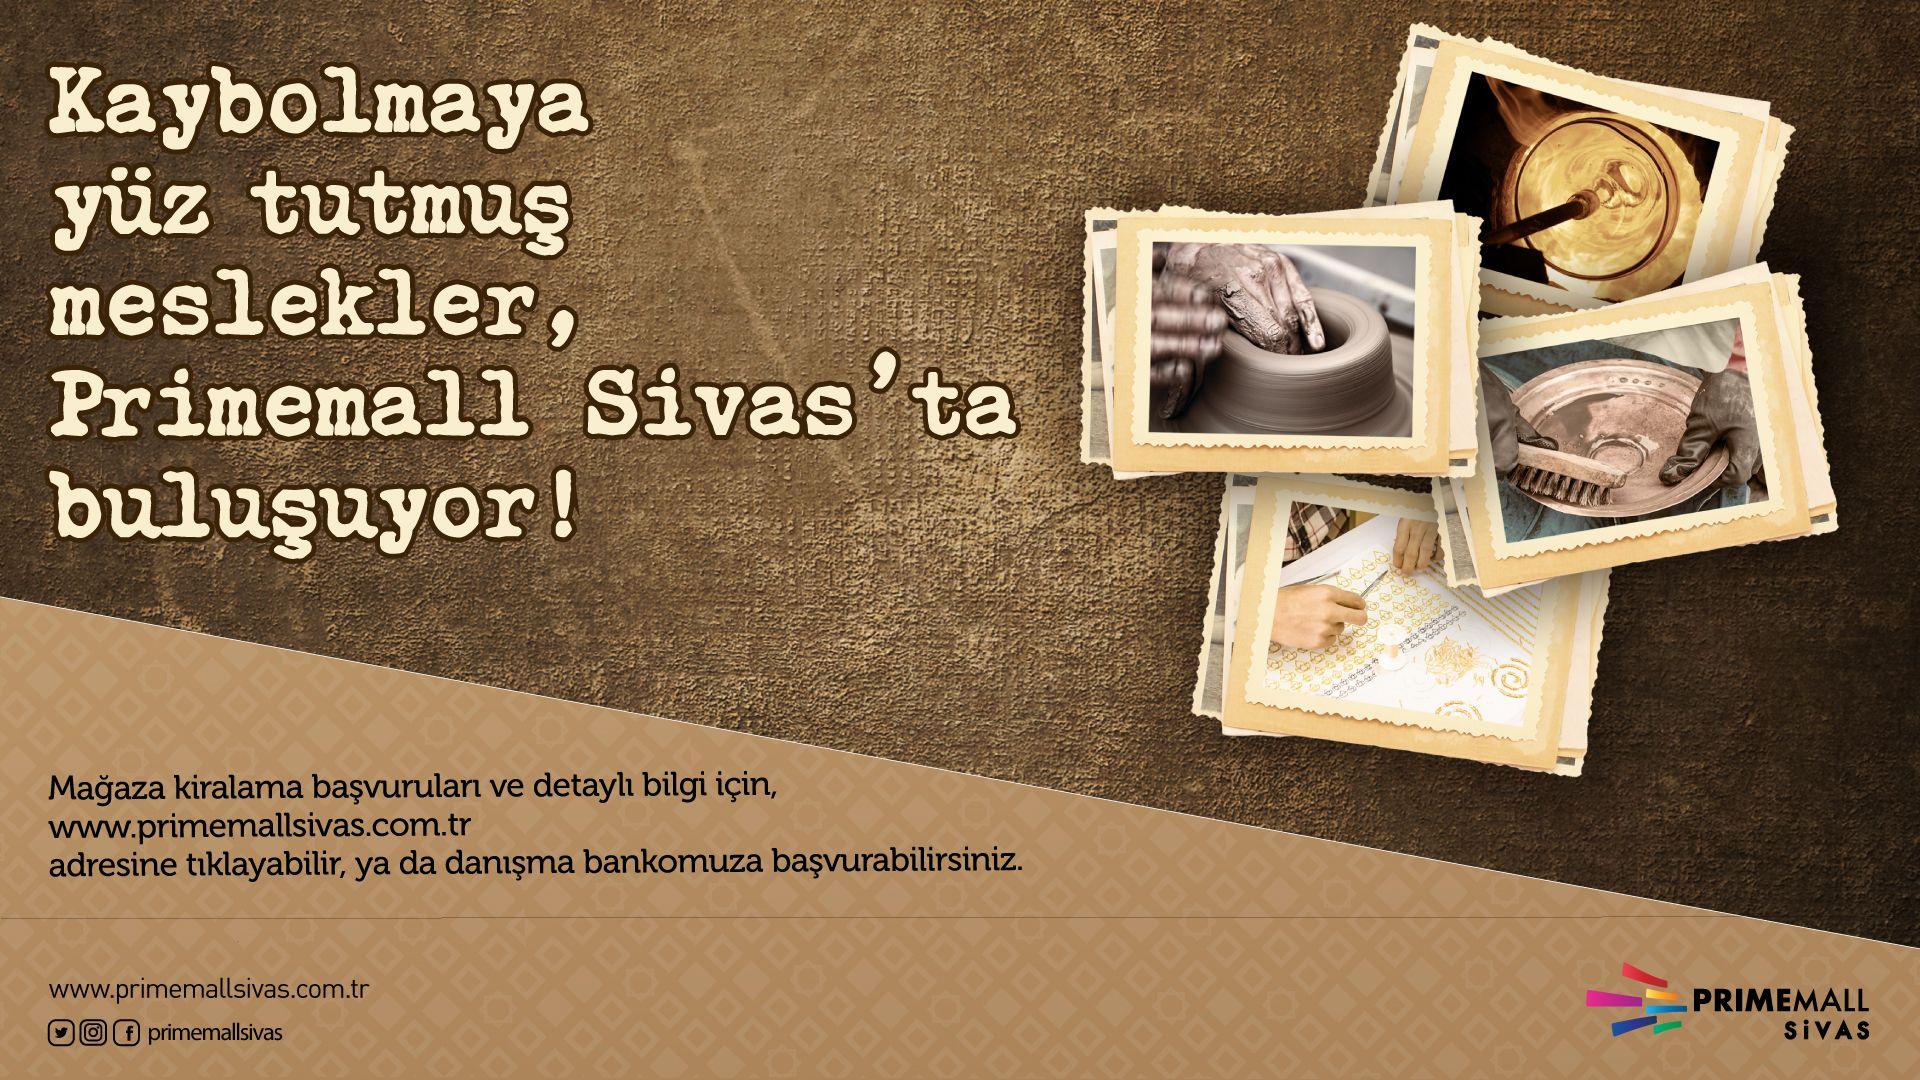 Kaybolmaya Yüz Tutmuş Meslekler, Primemall Sivas'ta Buluşuyor!